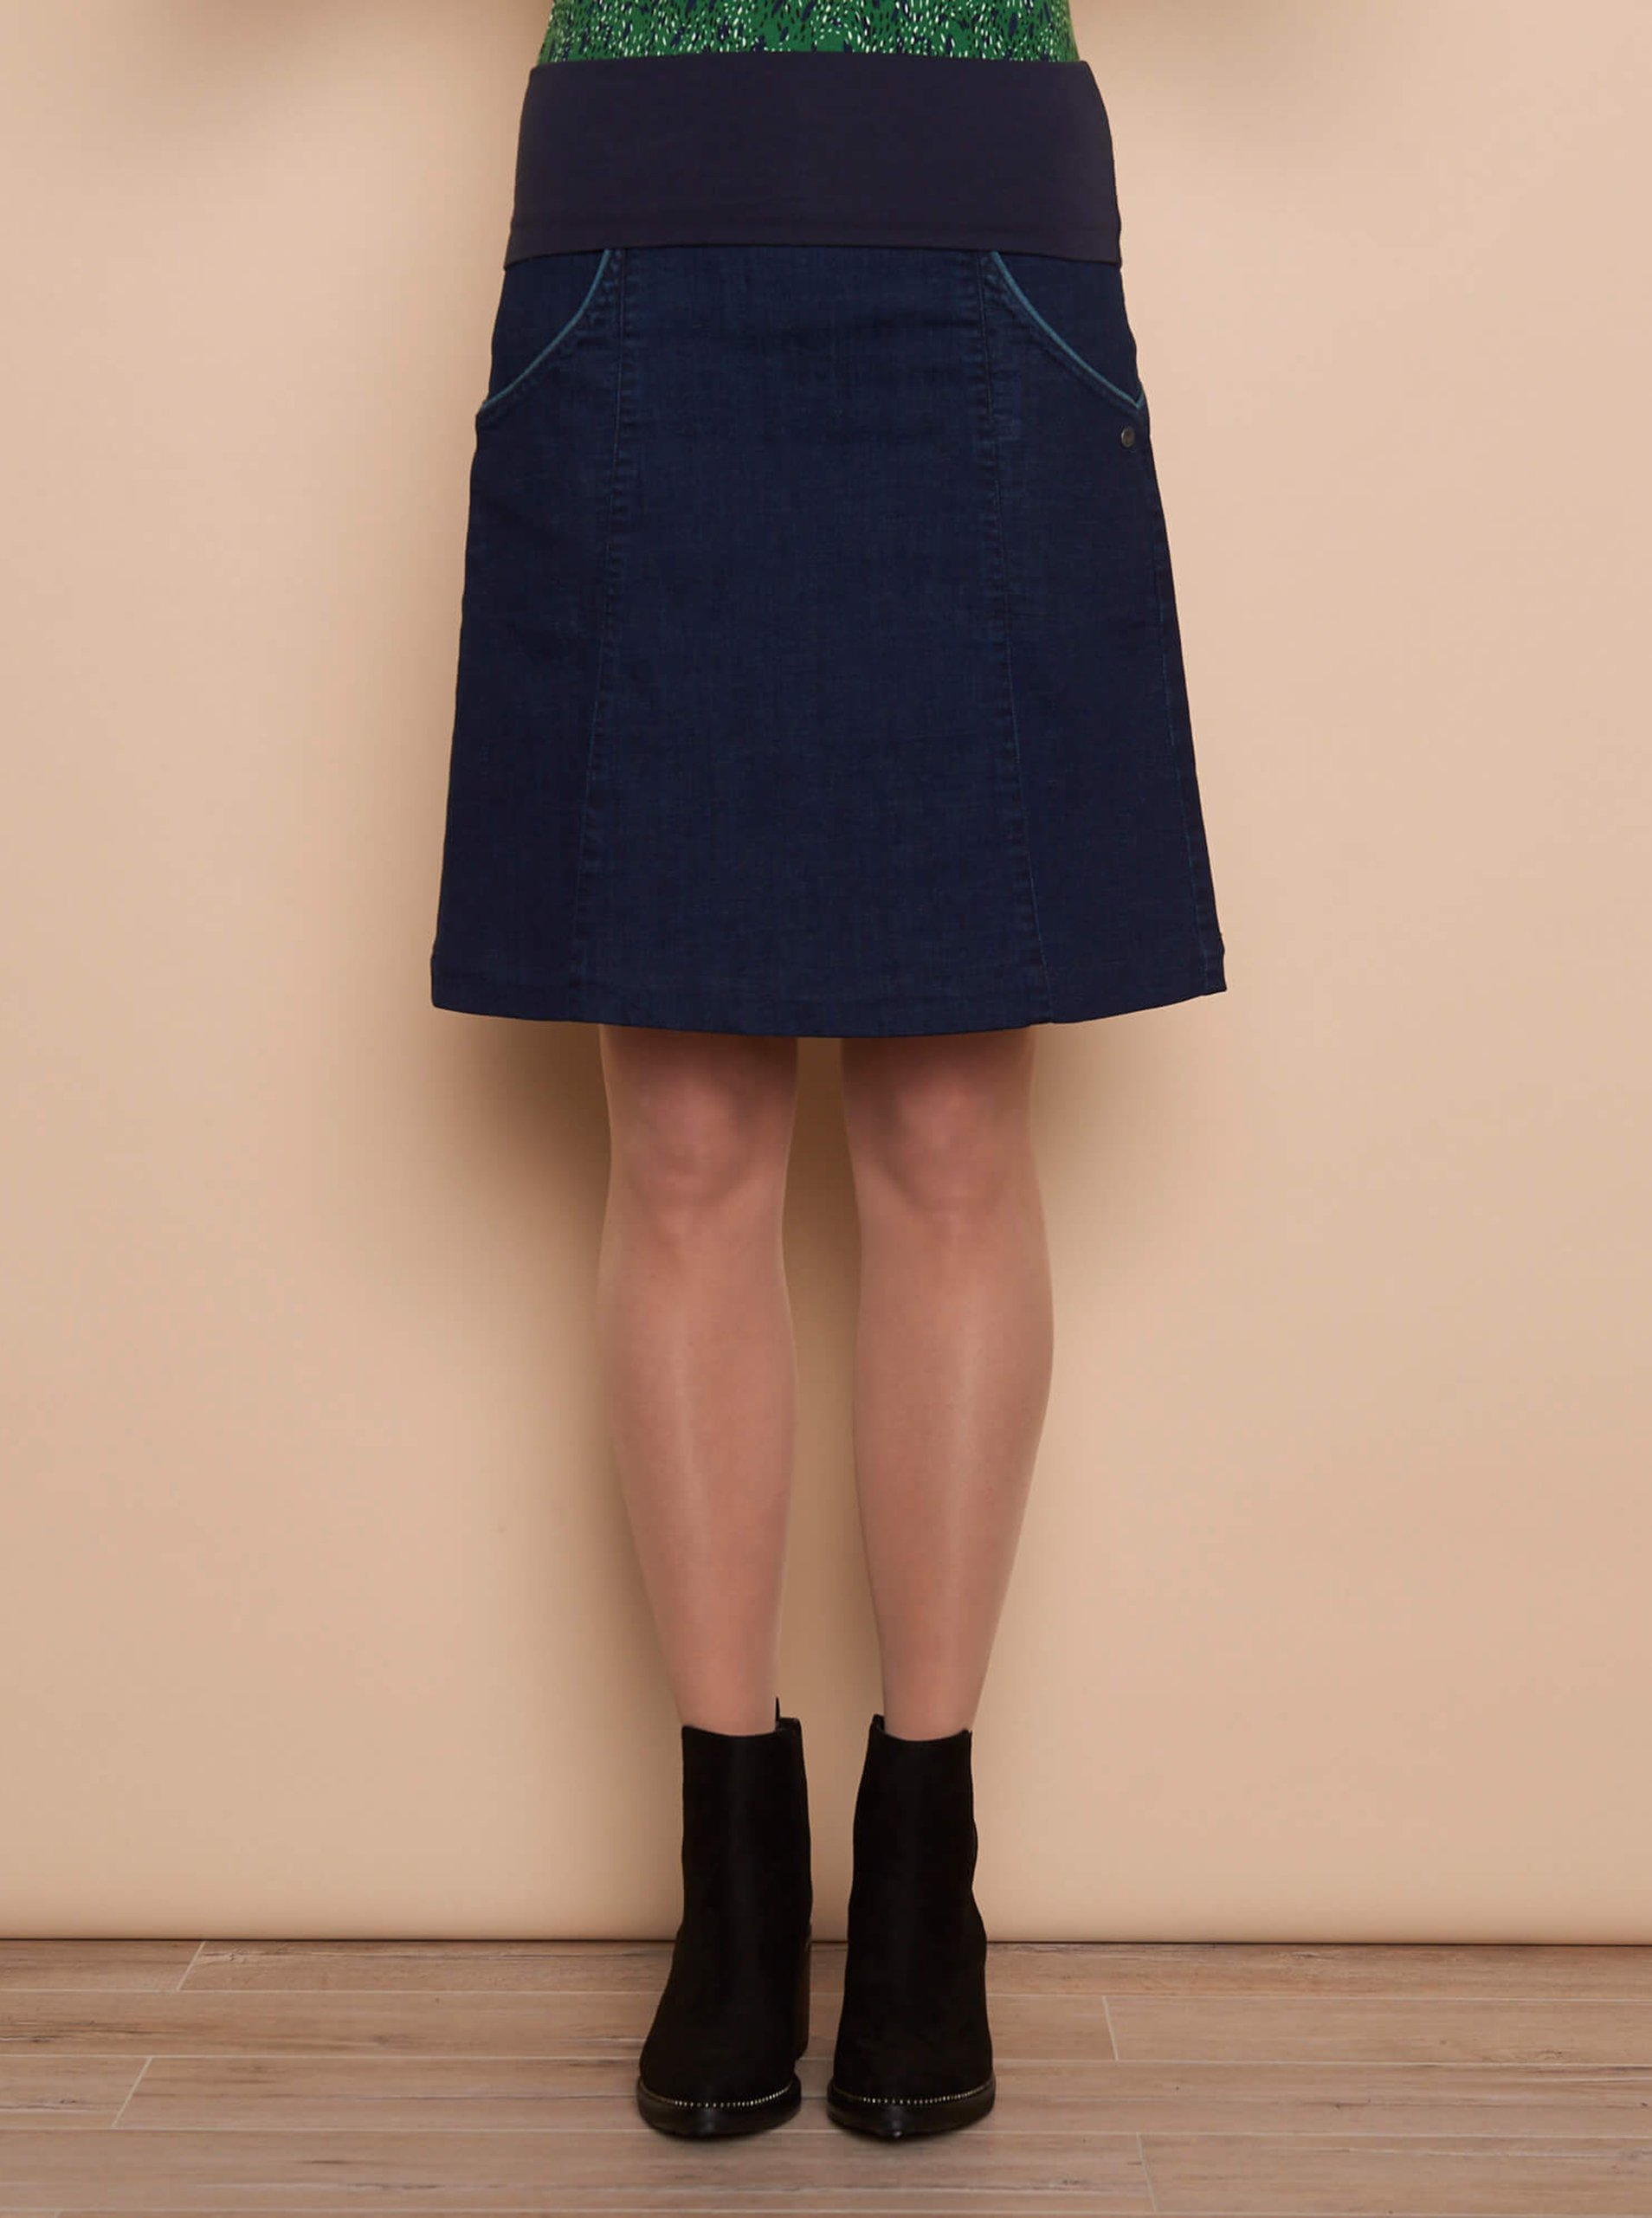 Tmavomodrá rifľová sukňa Tranquillo.